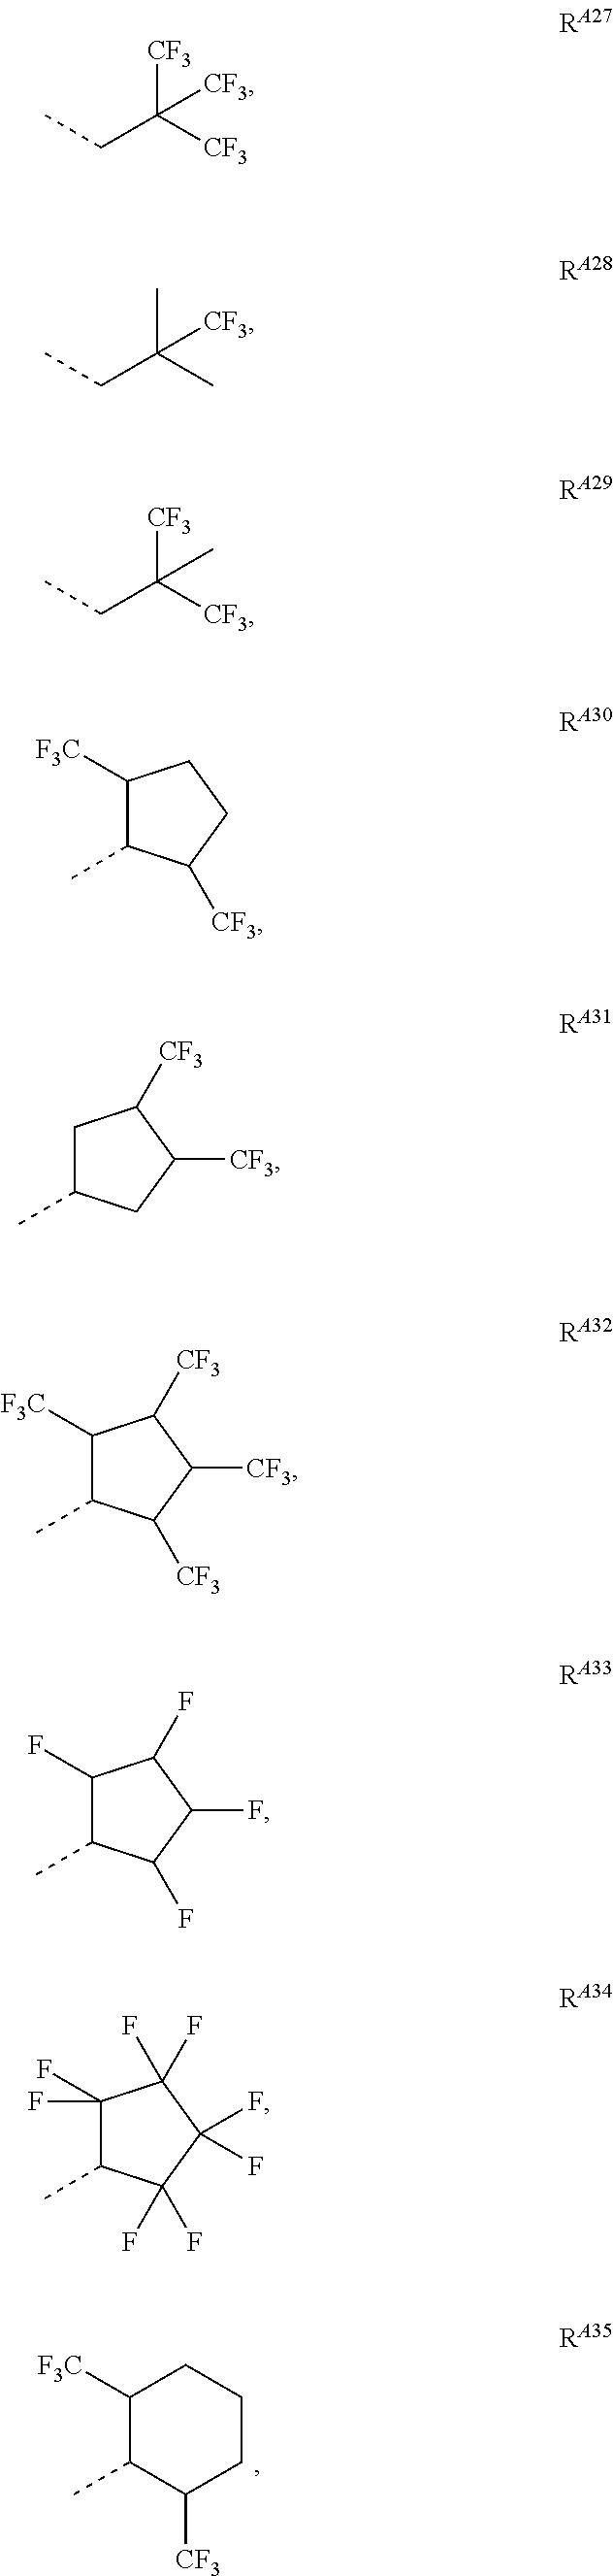 Figure US09711730-20170718-C00010